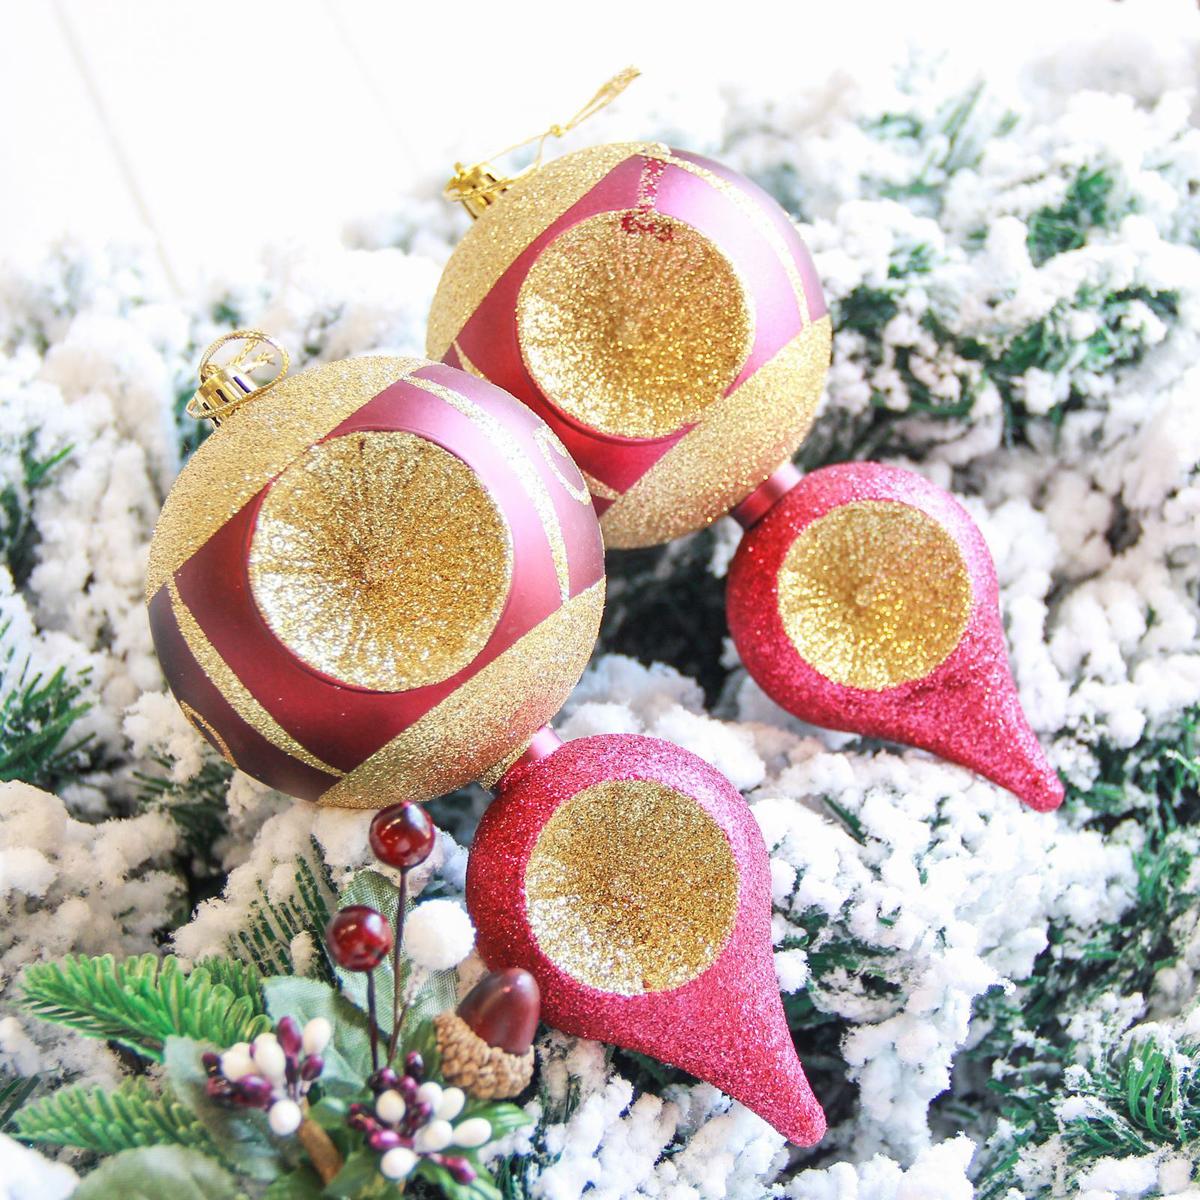 Набор новогодних подвесных украшений Sima-land Мега сосульки, цвет: бордовый, 16,5 х 8 см, 2 шт2122903Набор новогодних подвесных украшений Sima-land отлично подойдет для декорации вашего дома и новогодней ели. С помощью специальной петельки украшение можно повесить в любом понравившемся вам месте. Но, конечно, удачнее всего оно будет смотреться на праздничной елке. Елочная игрушка - символ Нового года. Она несет в себе волшебство и красоту праздника. Создайте в своем доме атмосферу веселья и радости, украшая новогоднюю елку нарядными игрушками, которые будут из года в год накапливать теплоту воспоминаний.